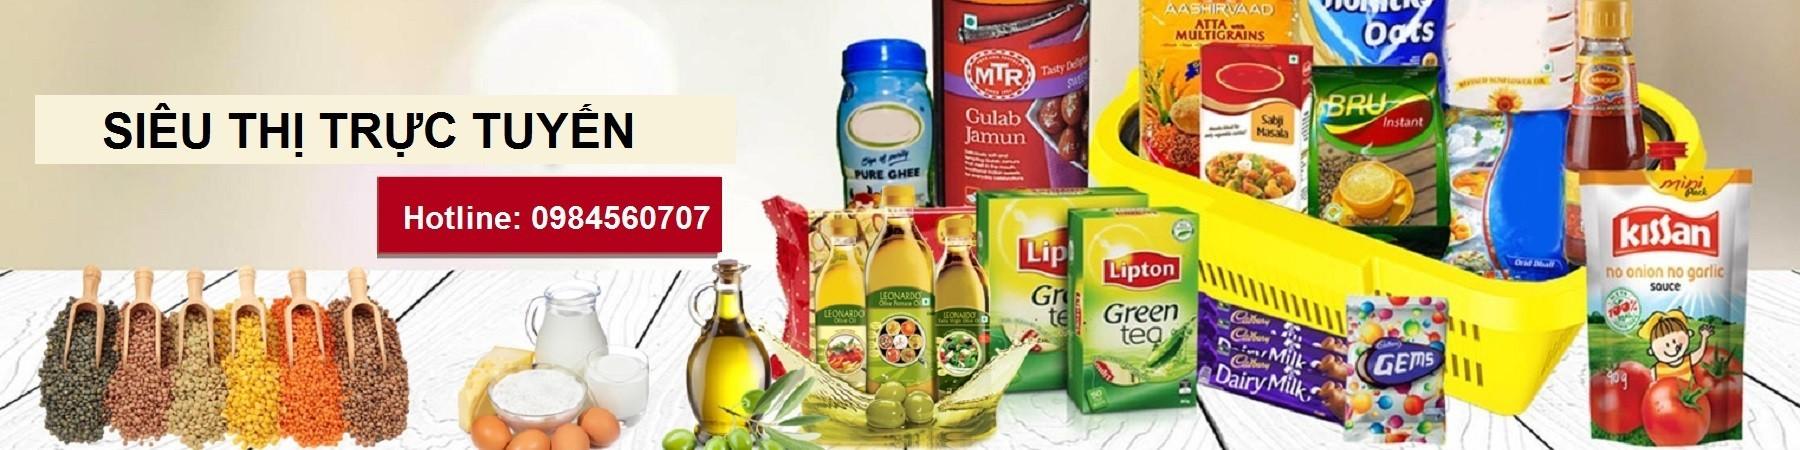 Hàng tiêu dùng,gia dụng,thực phẩm,hóa phẩm nhập khẩu hàn quốc.Giá rẻ